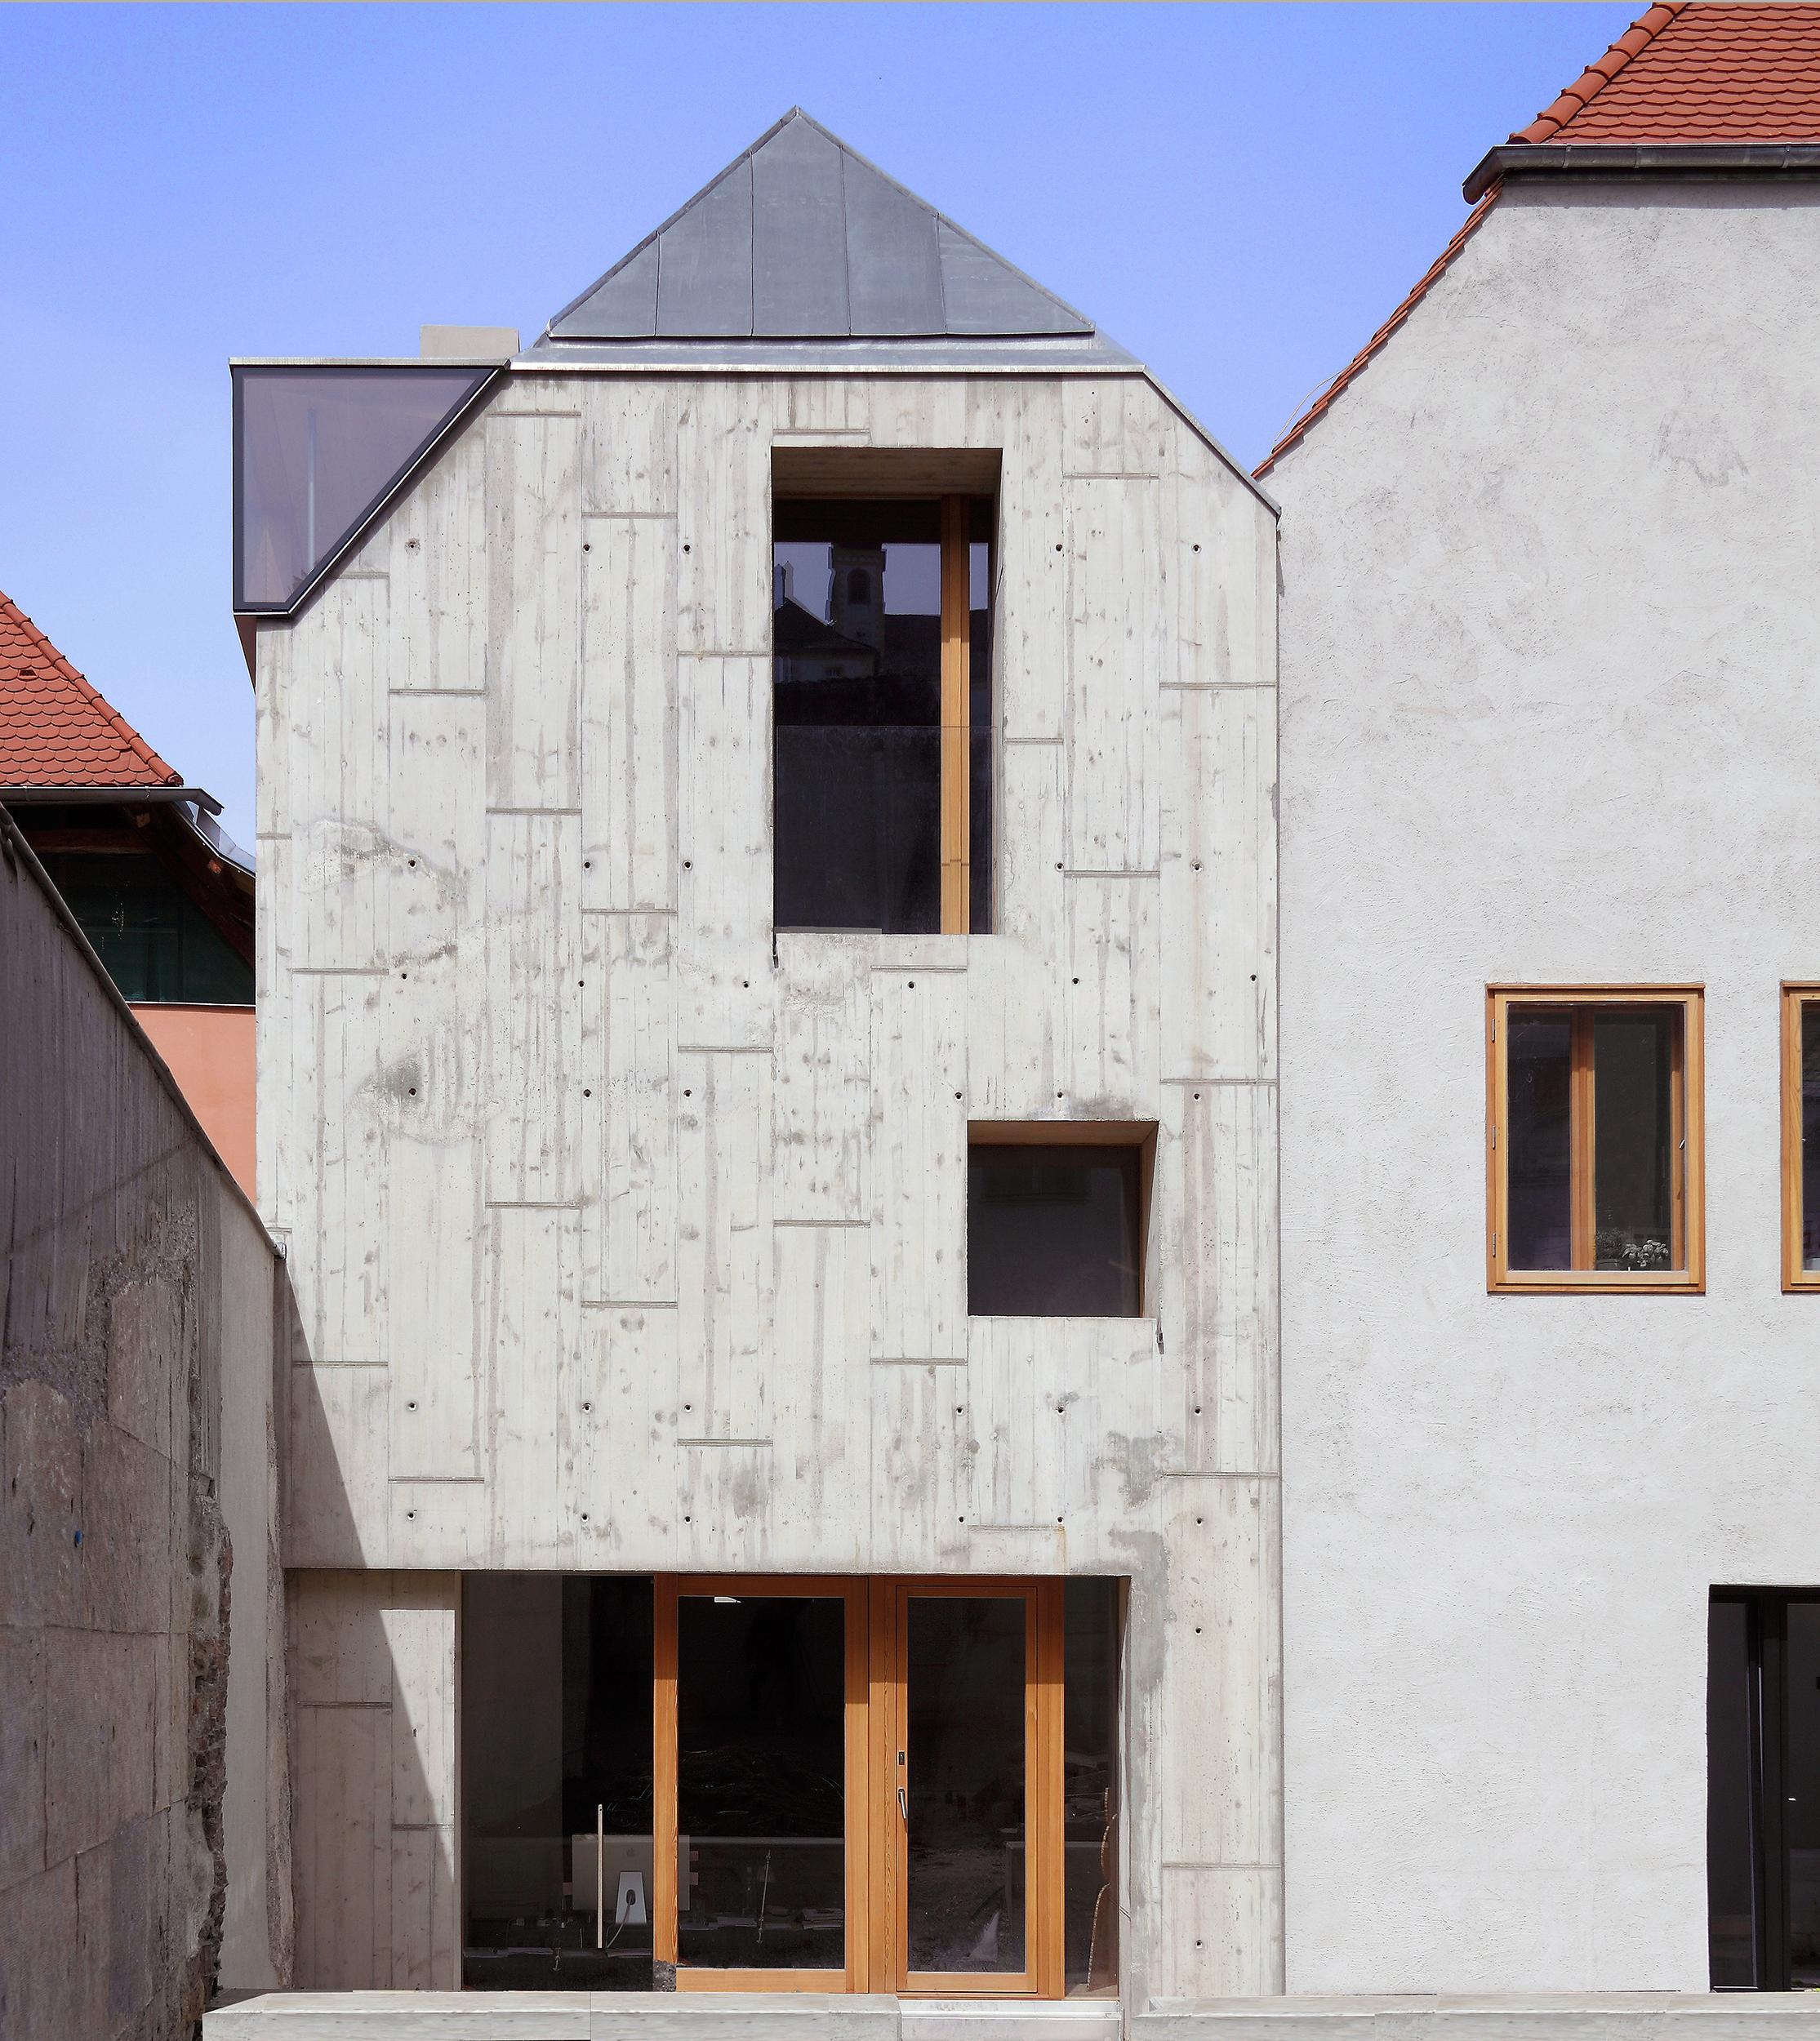 Barocker beton 100 h user - Bekannte architekten ...